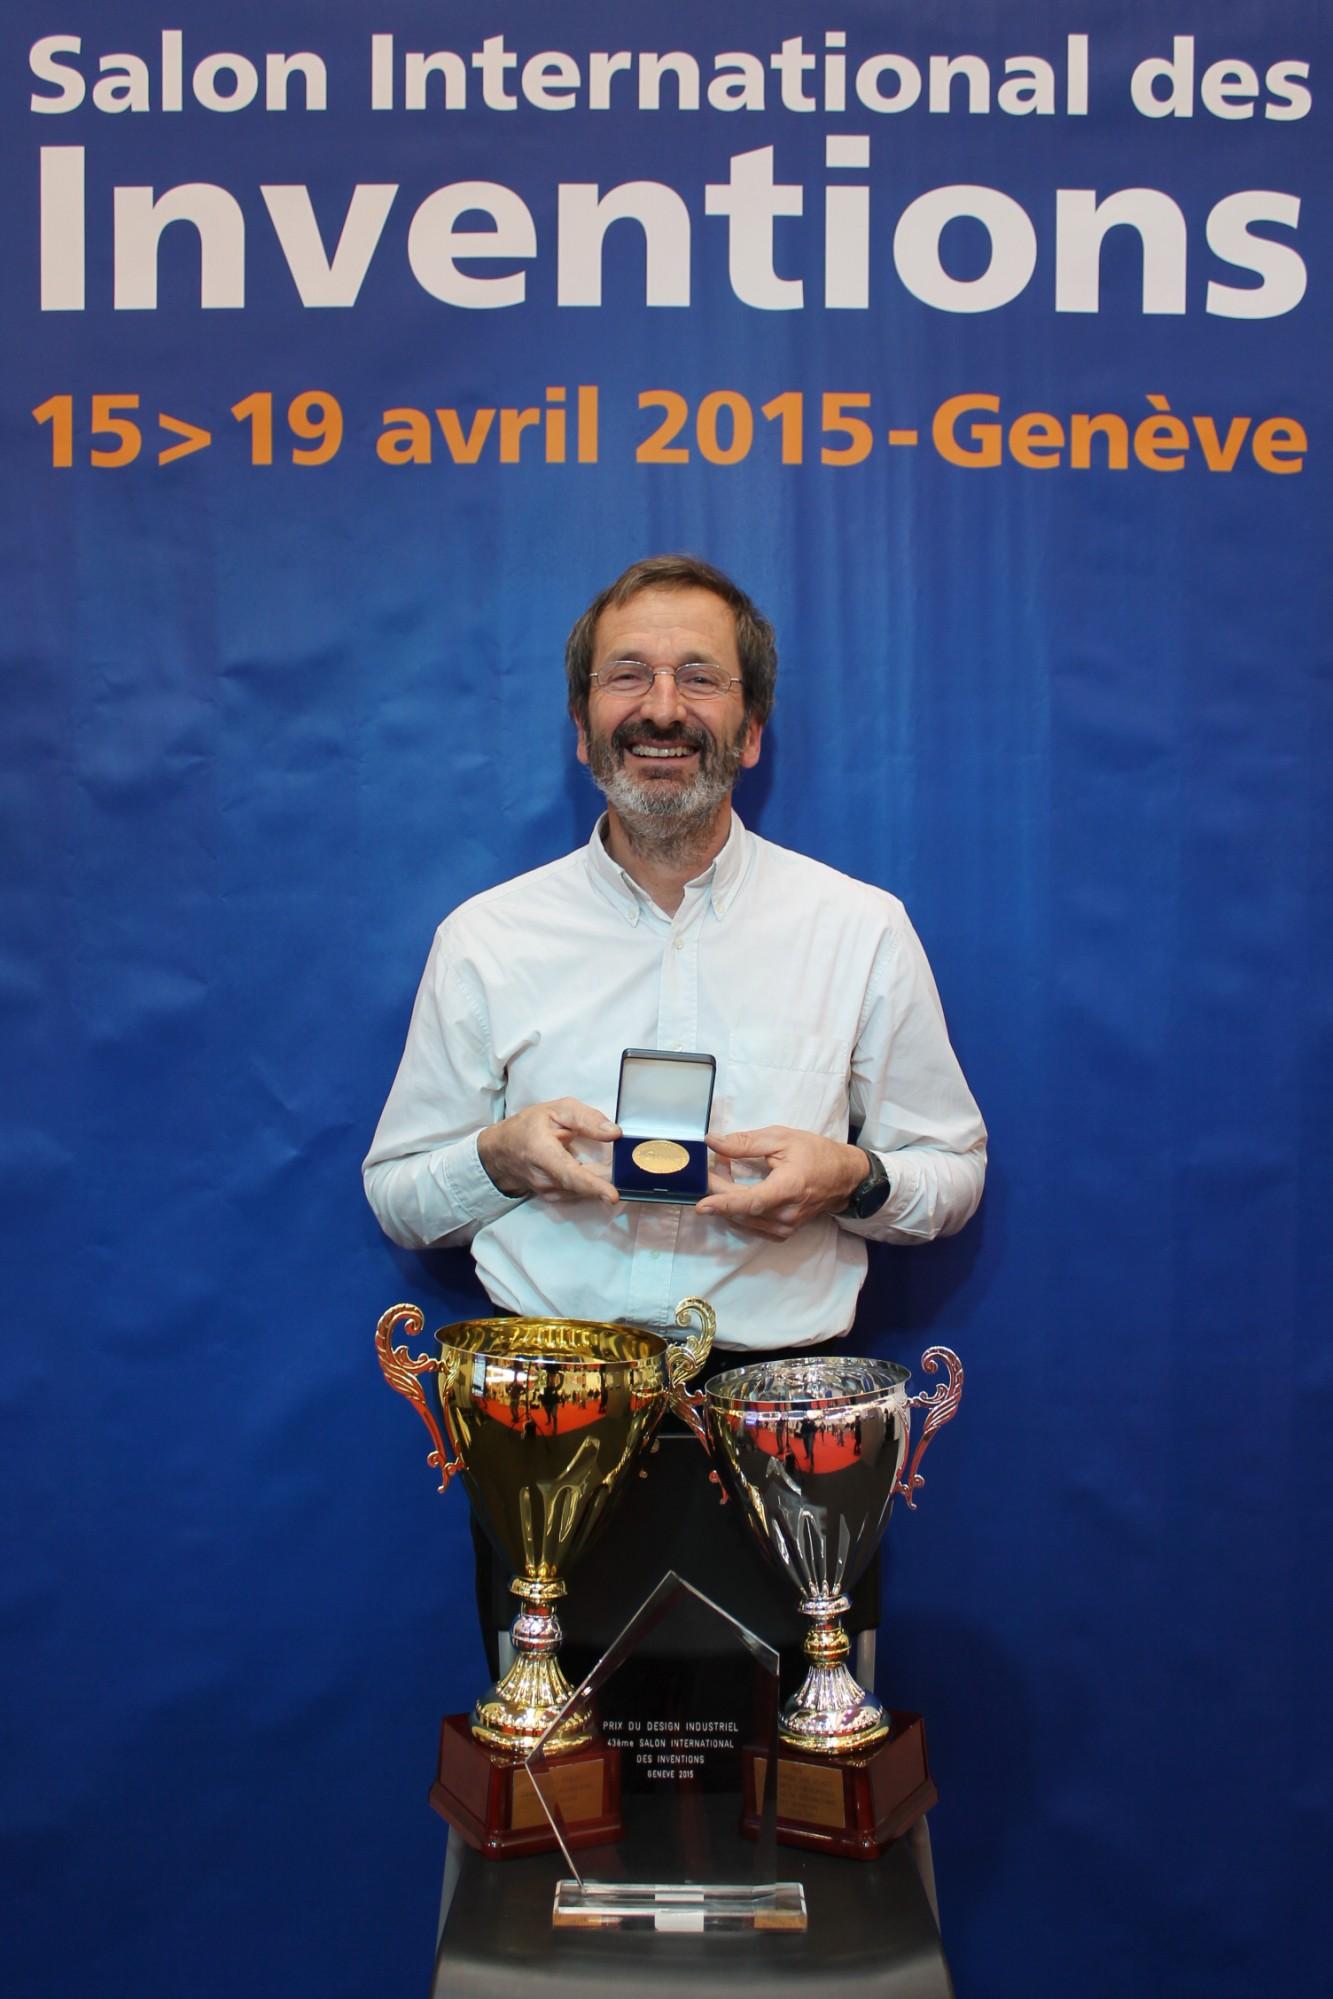 Salon international des inventions de gen ve v hicule swincar - Salon des inventions paris ...